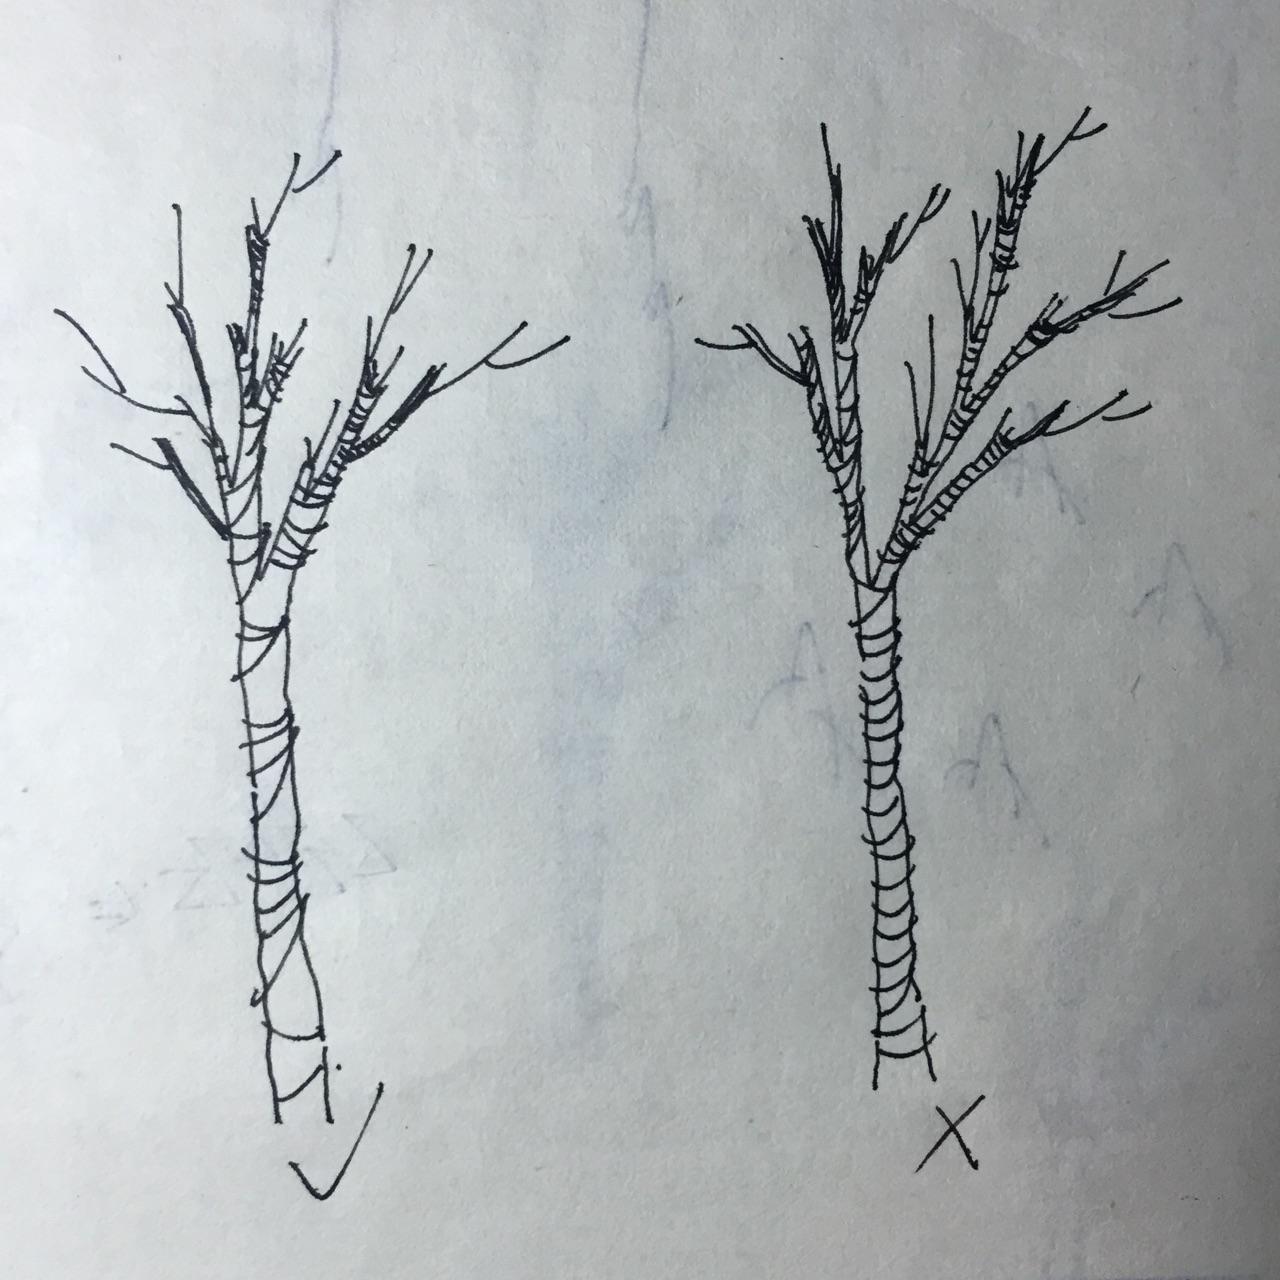 用点线面画一幅画简单_景观手绘中树怎么画比较好看? - 知乎